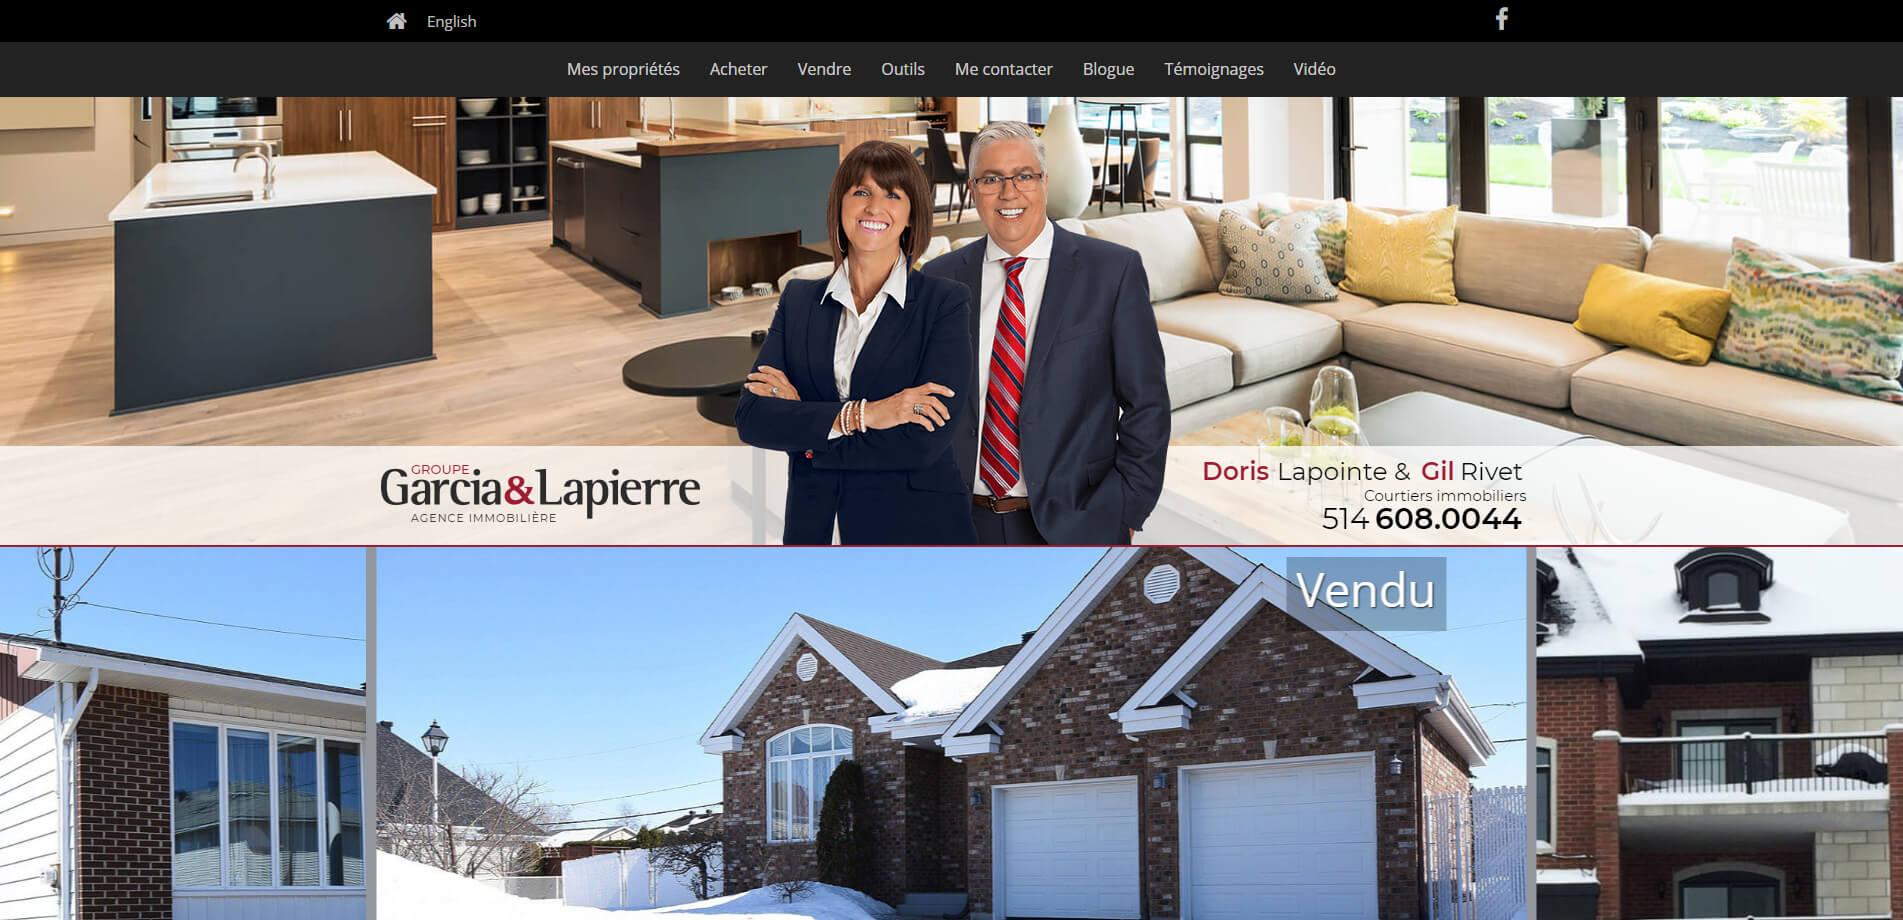 Site Web Pour Courtiers Immobiliers Gil Rivet Et Doris